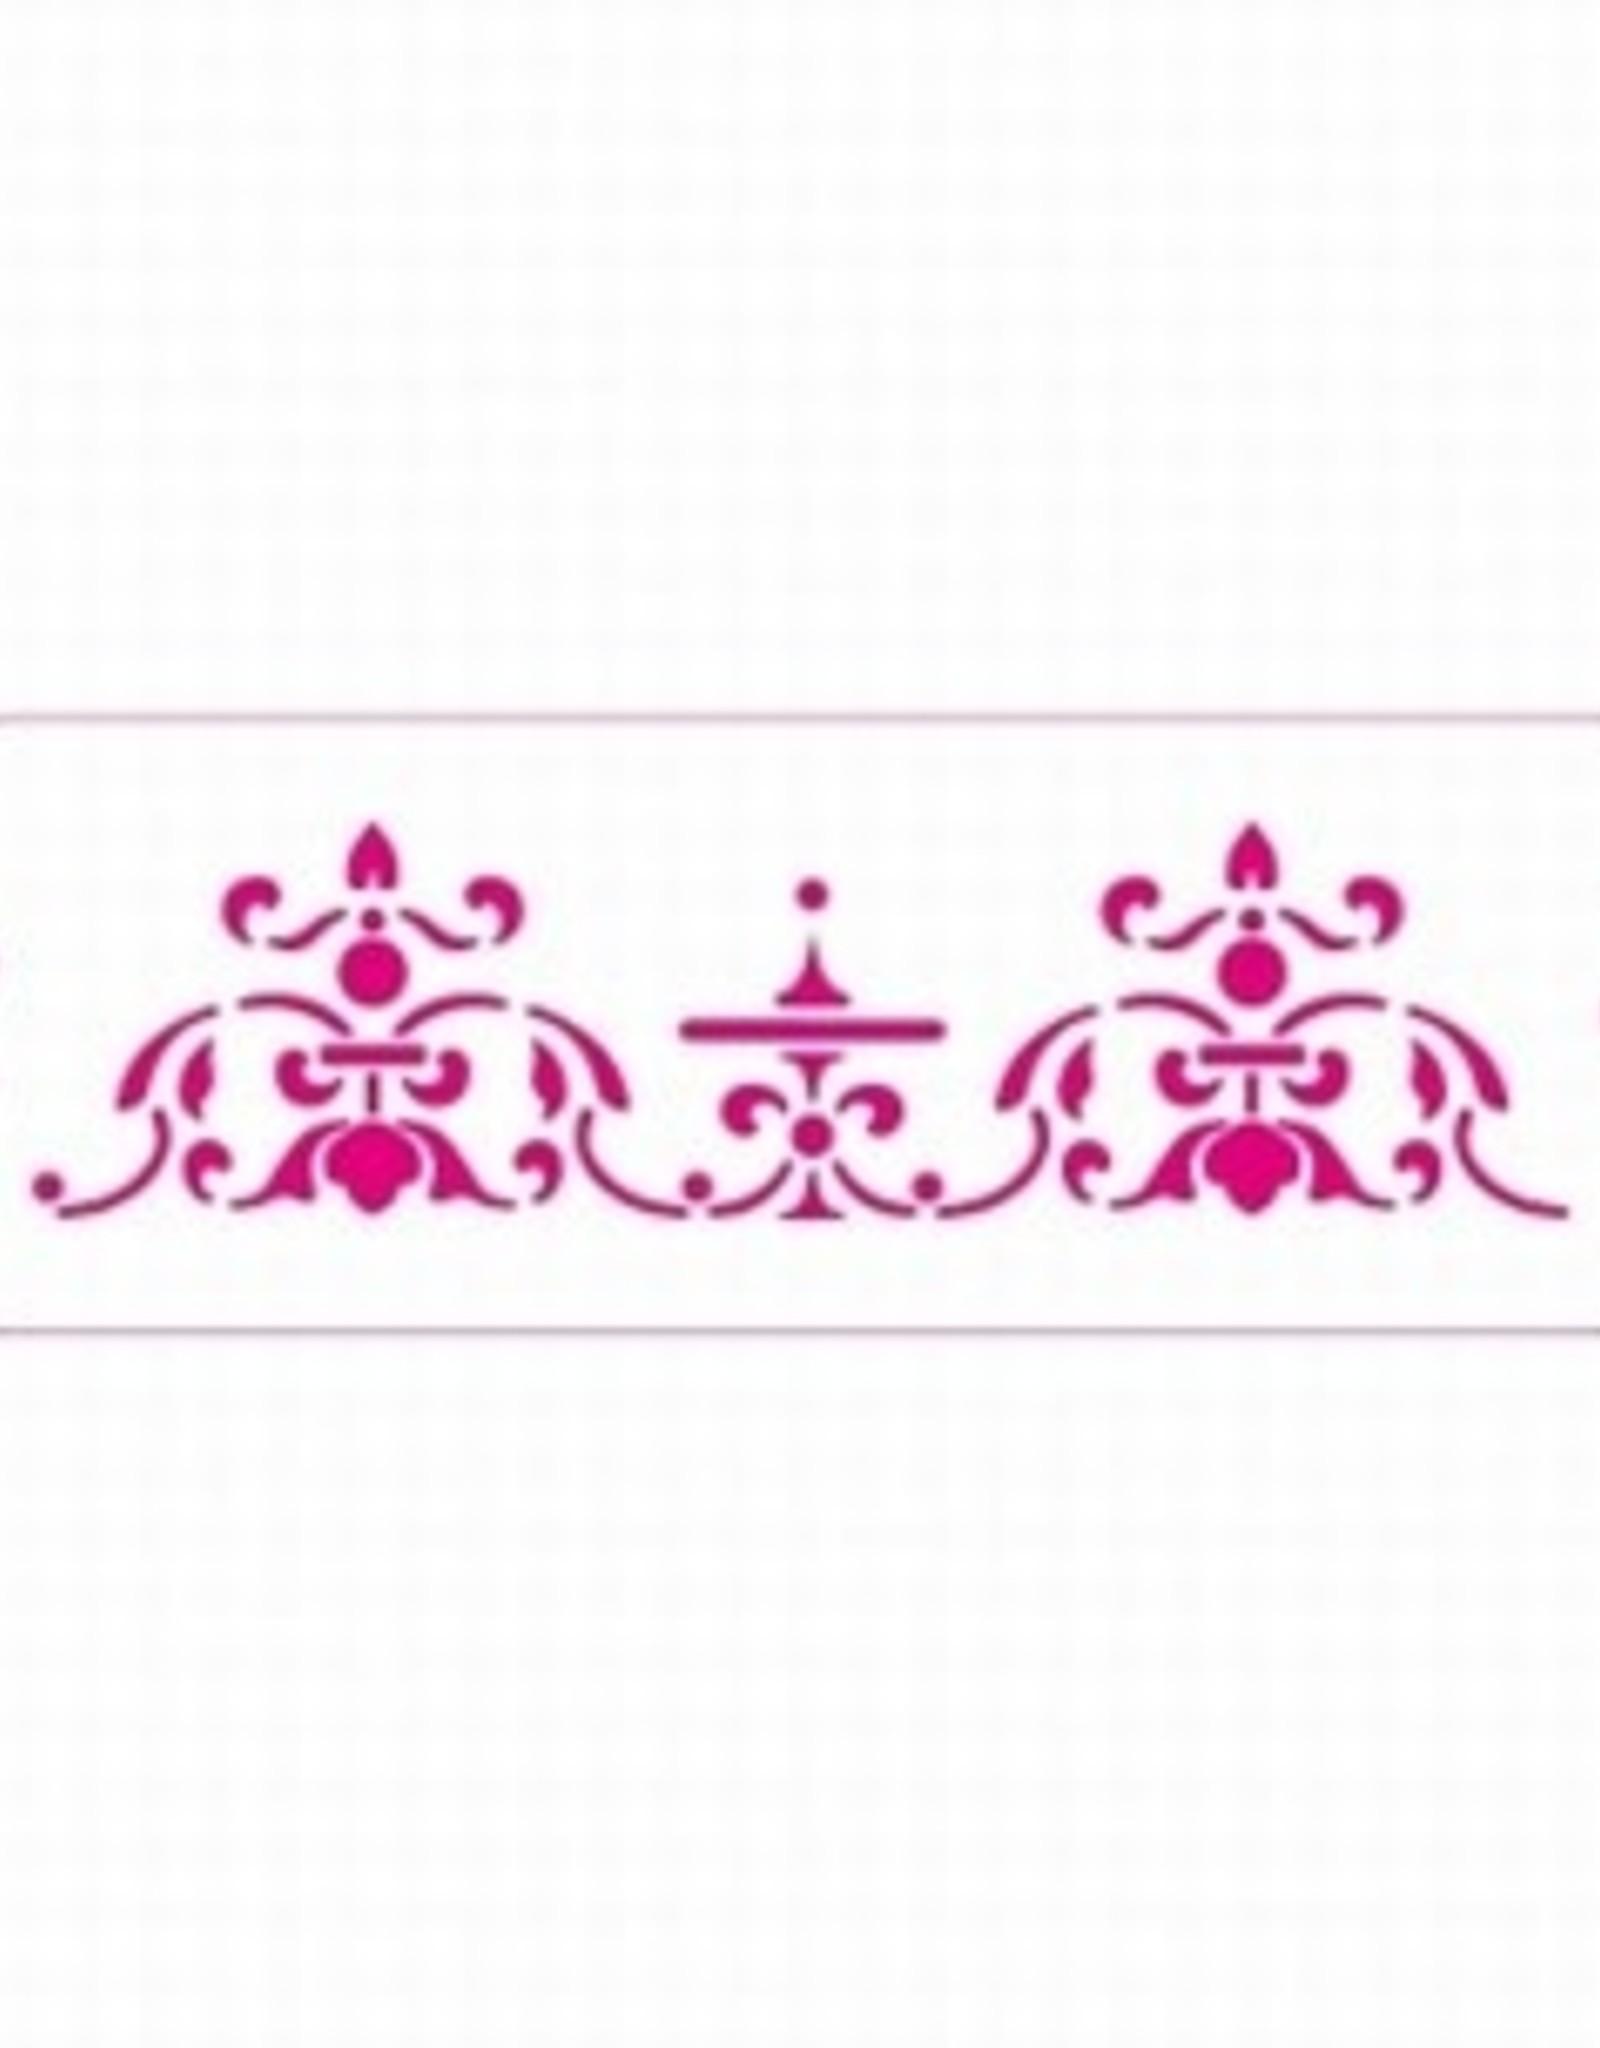 Decora Decora Stencil 10x30cm Persia